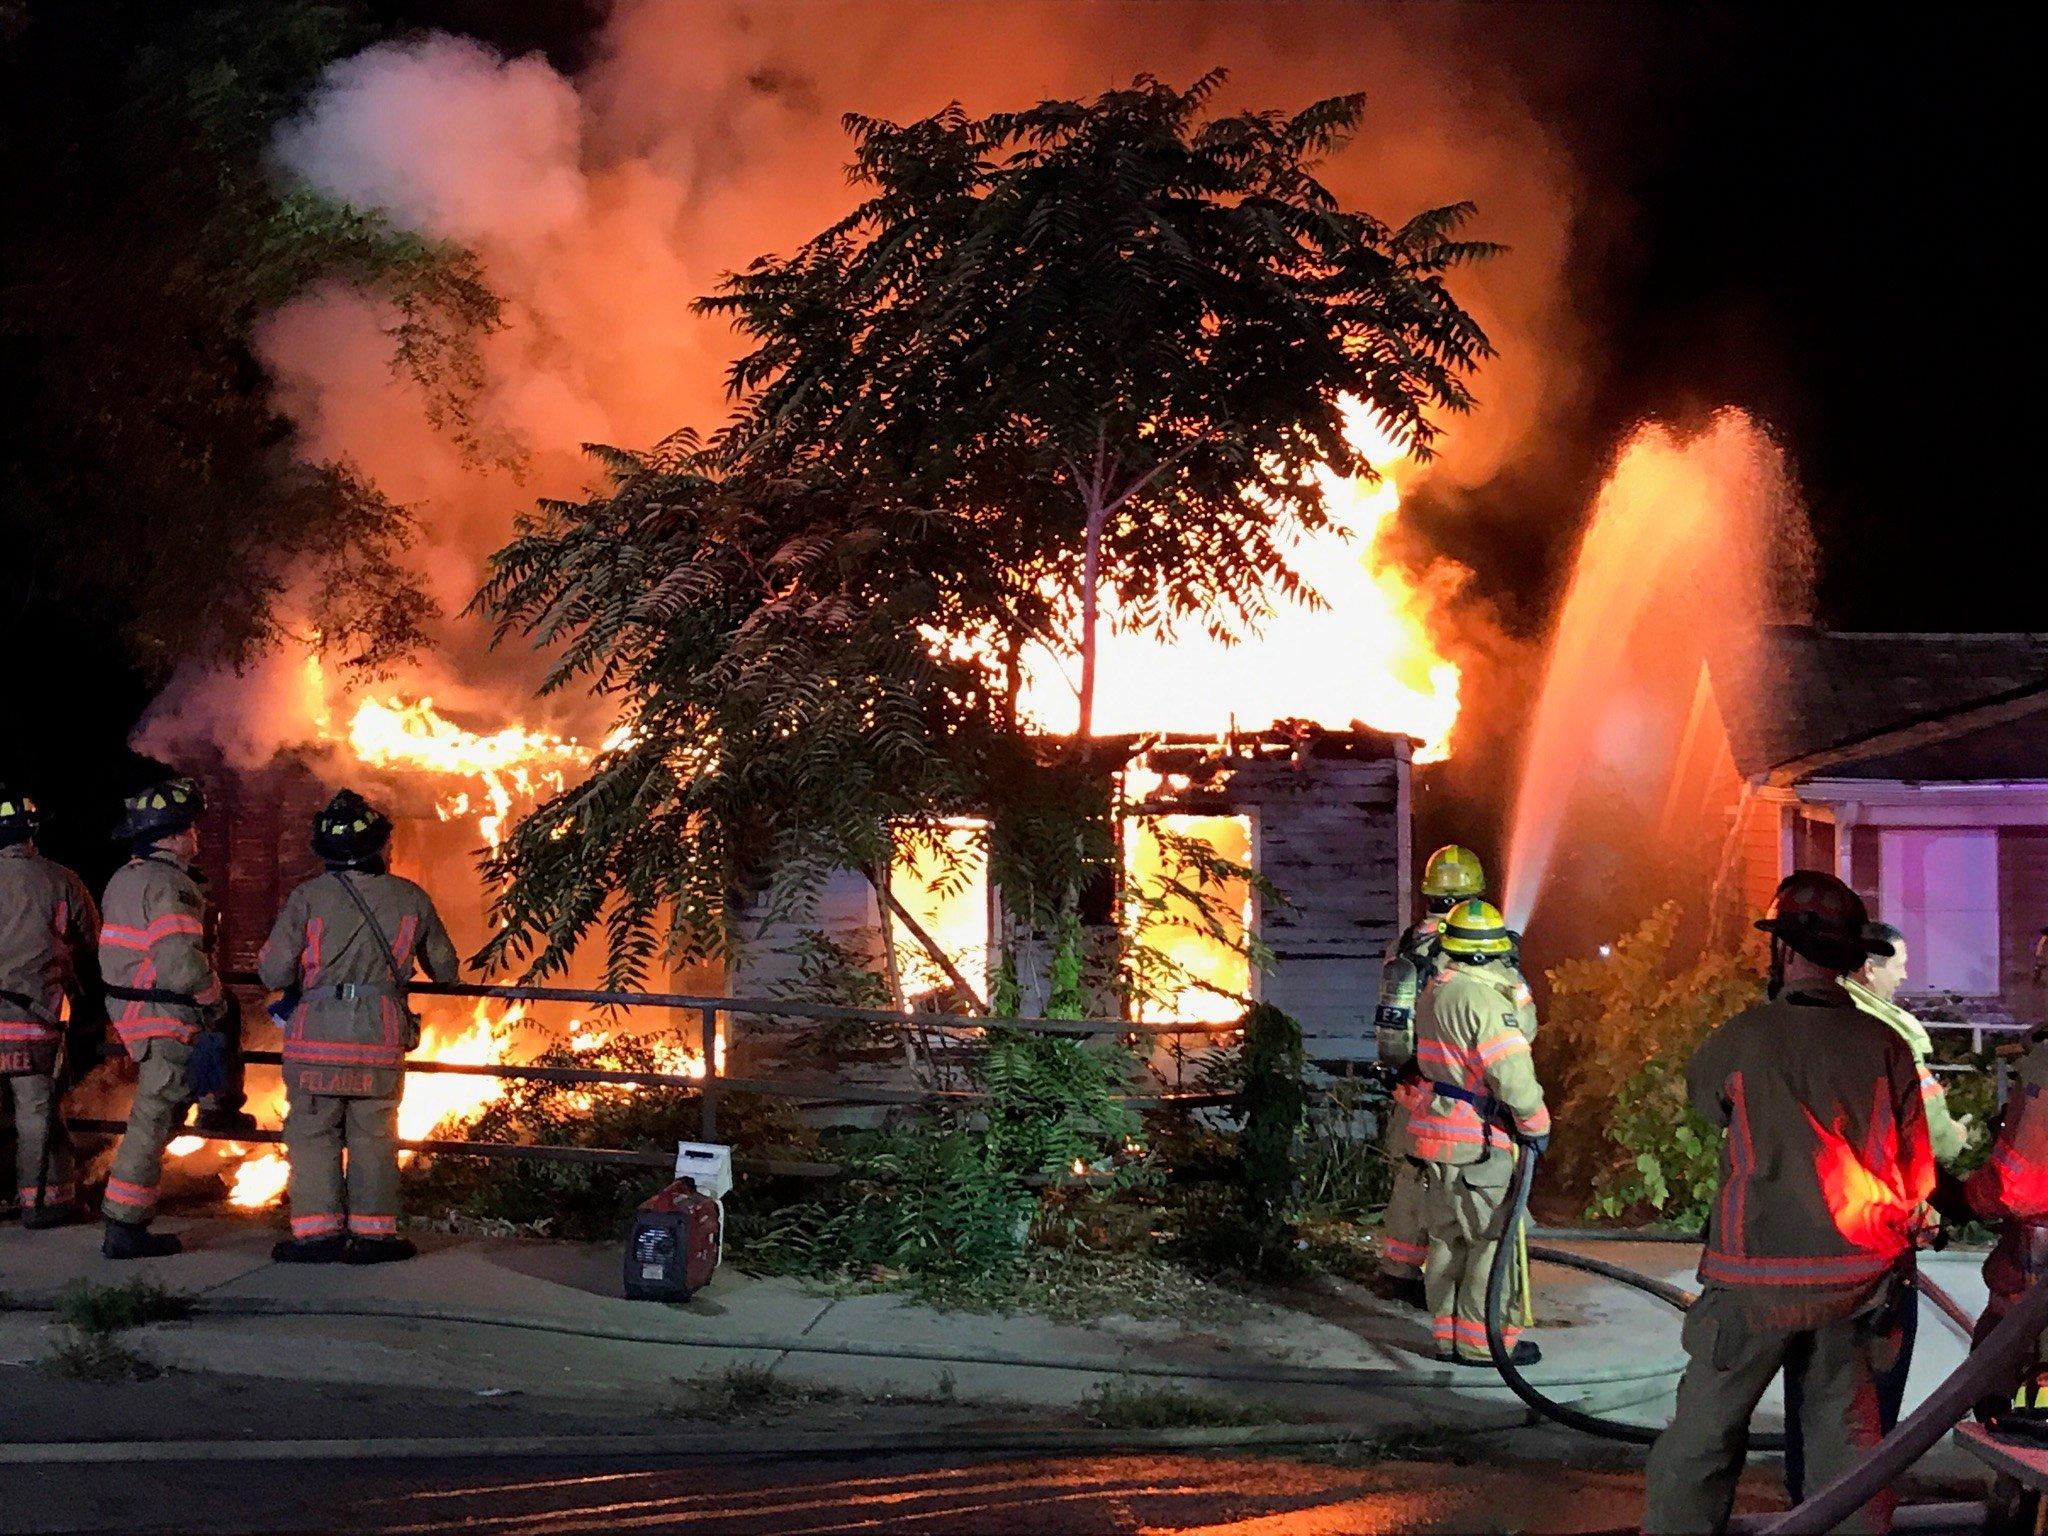 Vacant house fire on Kishwaukee St